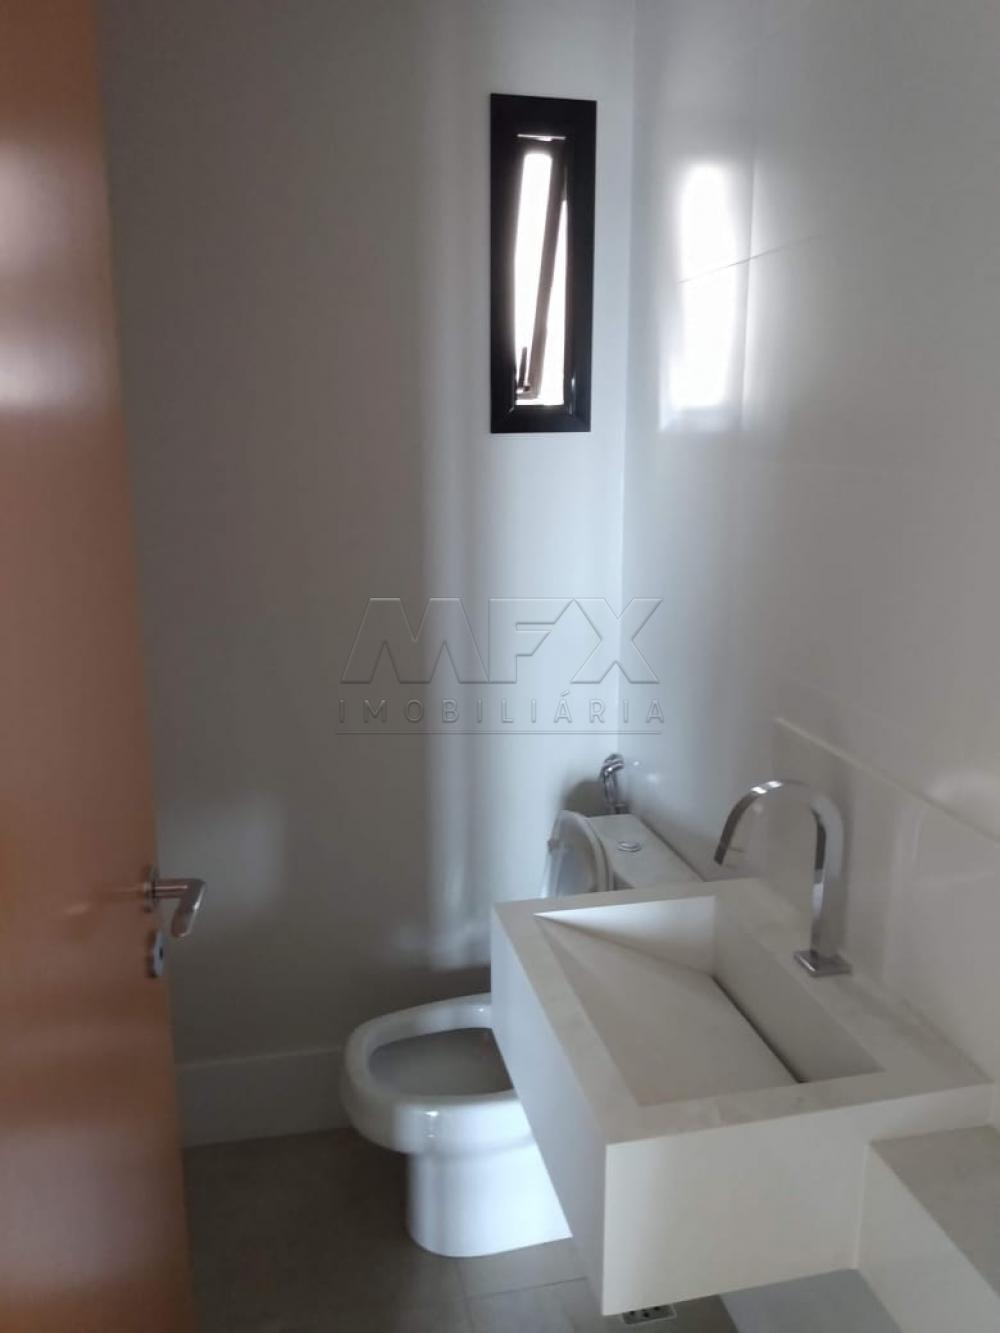 Alugar Apartamento / Padrão em Bauru apenas R$ 3.000,00 - Foto 5